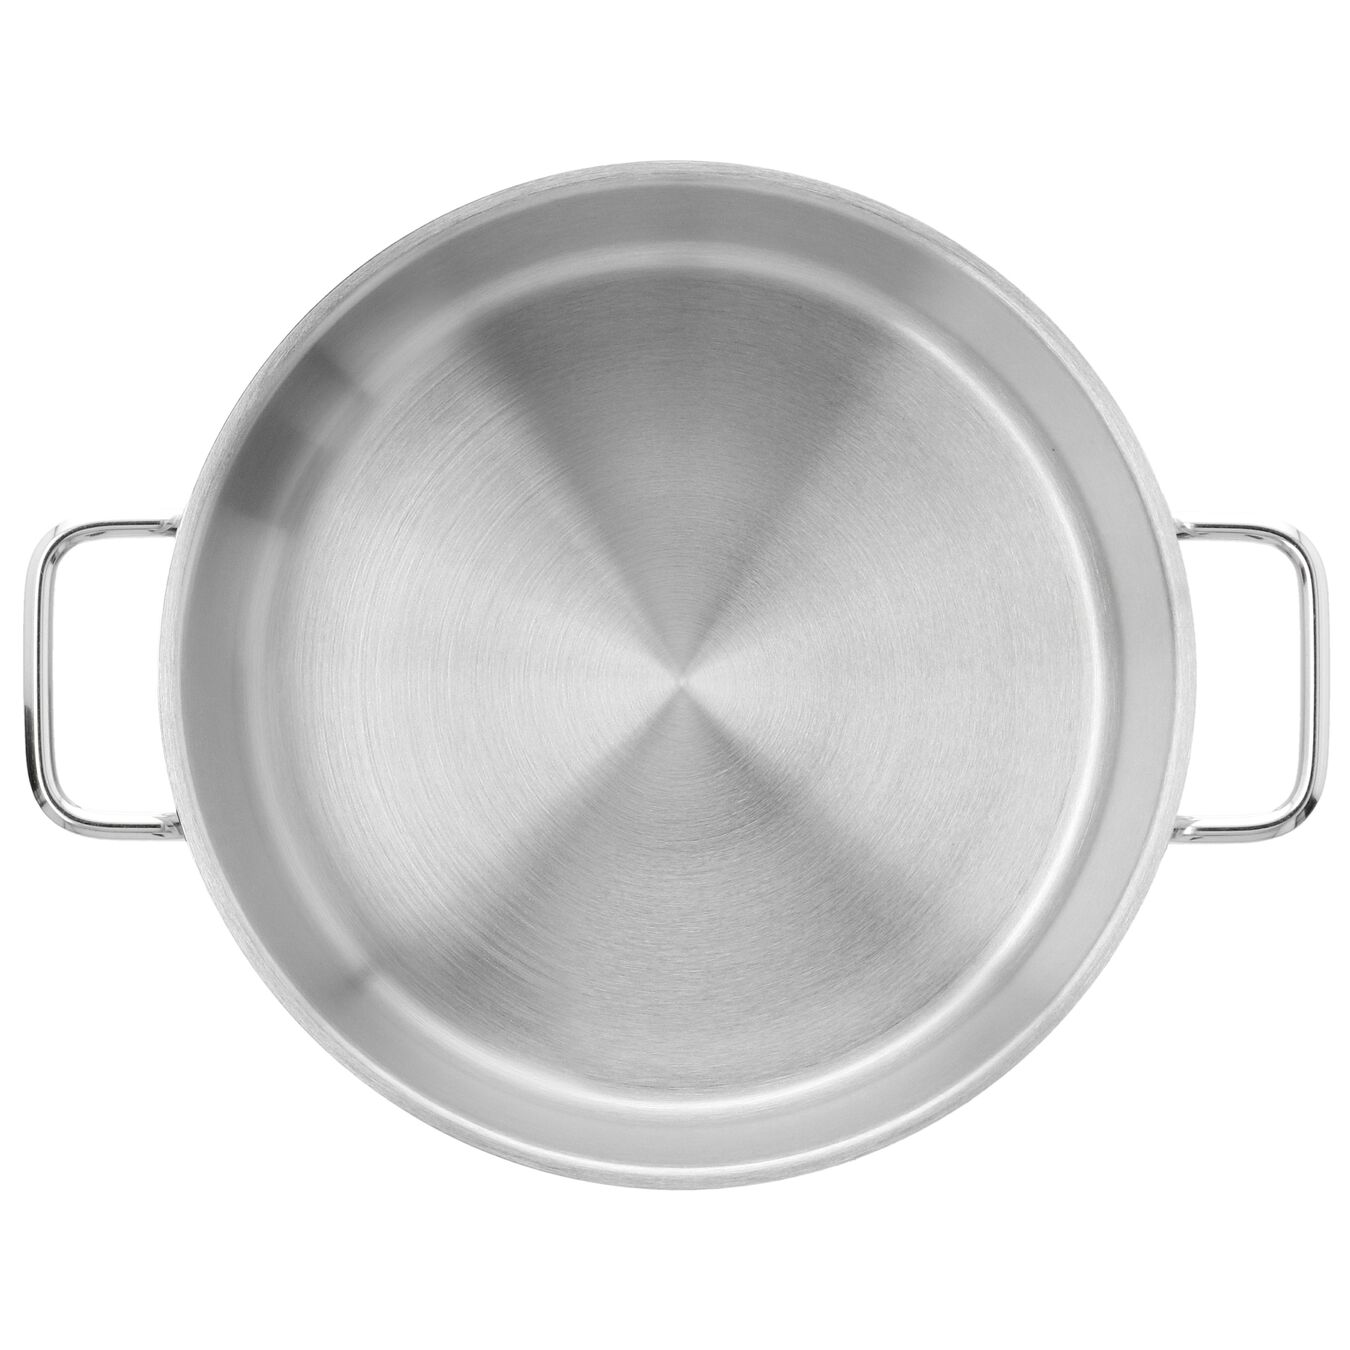 Sığ Tencere Kapaksız | 18/10 Paslanmaz Çelik | 24 cm | Metalik Gri,,large 2